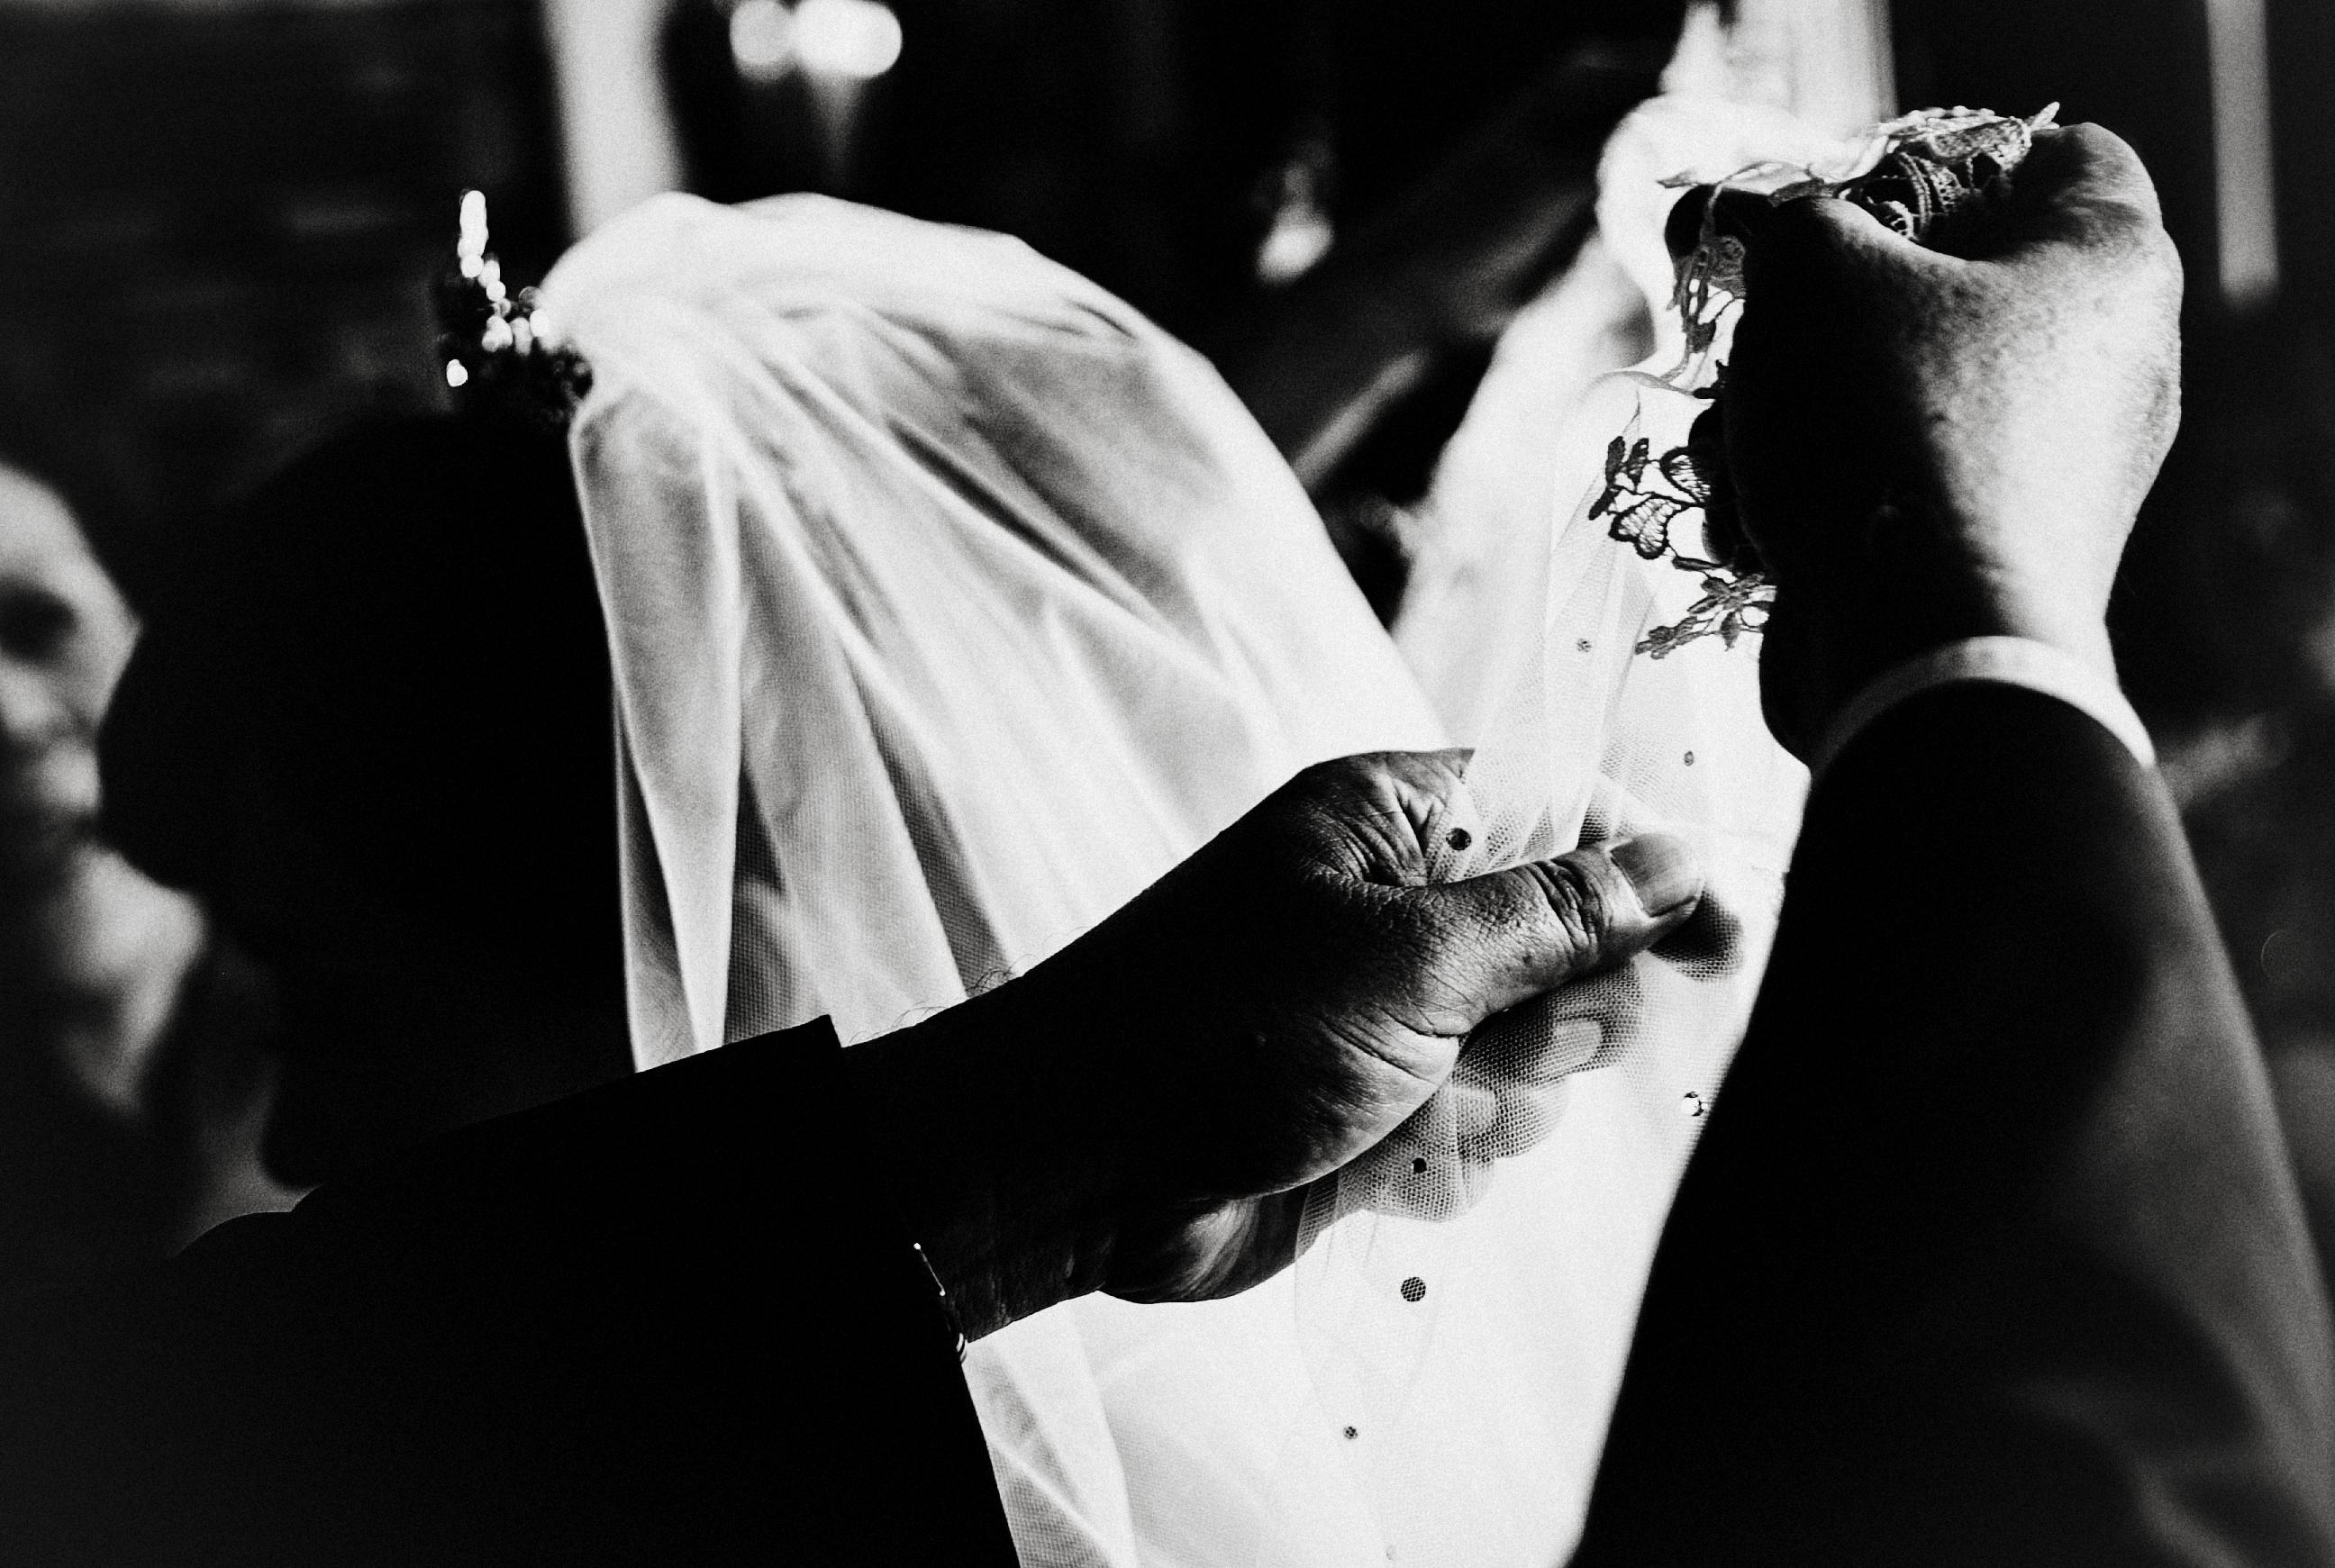 婚禮拍攝相關問題